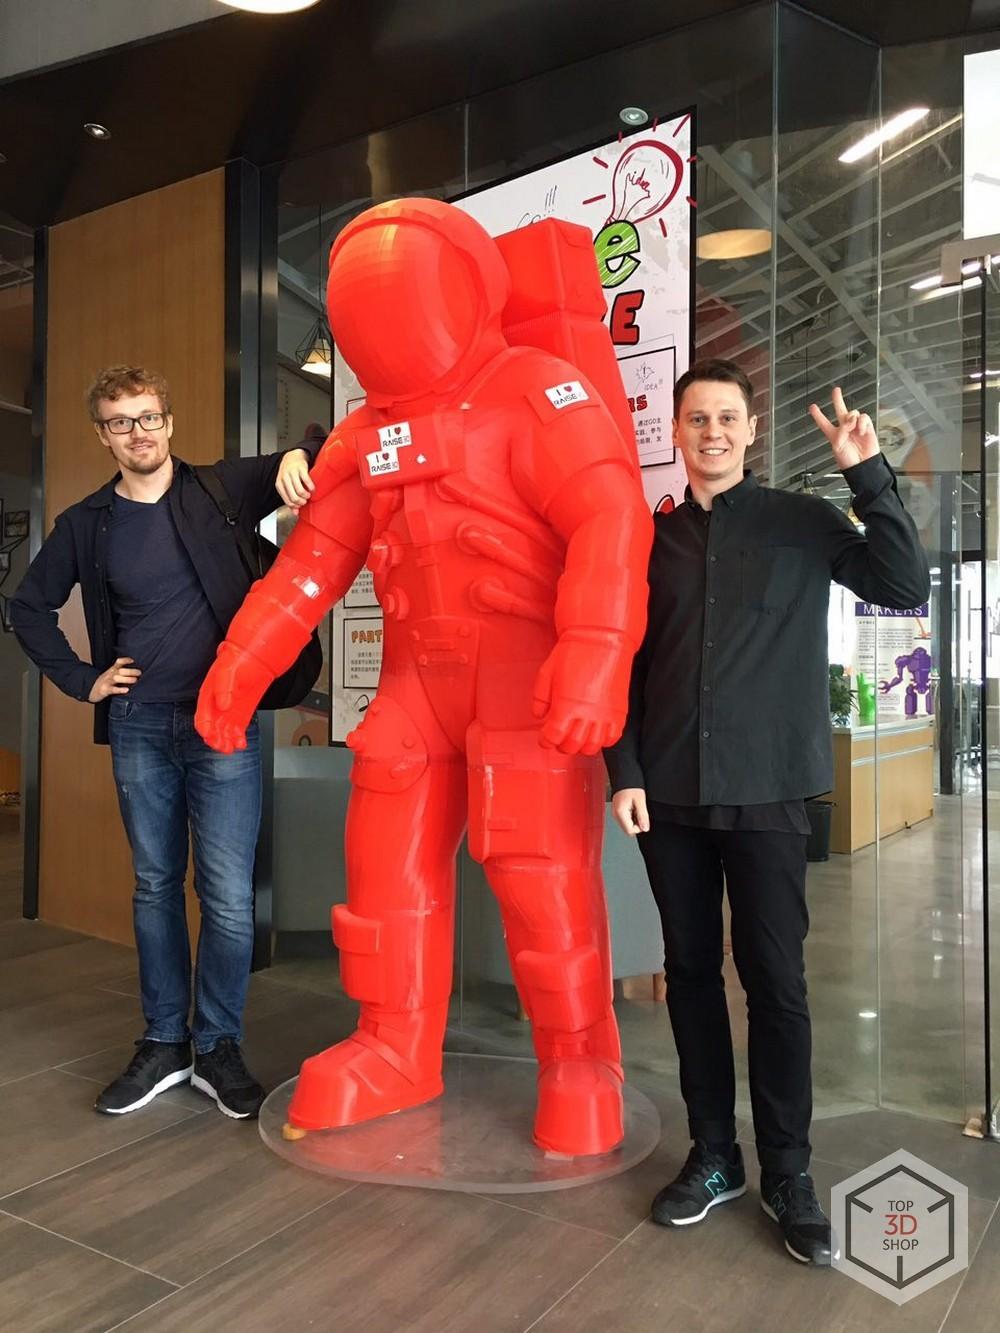 Китай в 3D — здесь делают 3D-принтеры / Блог компании Top ...